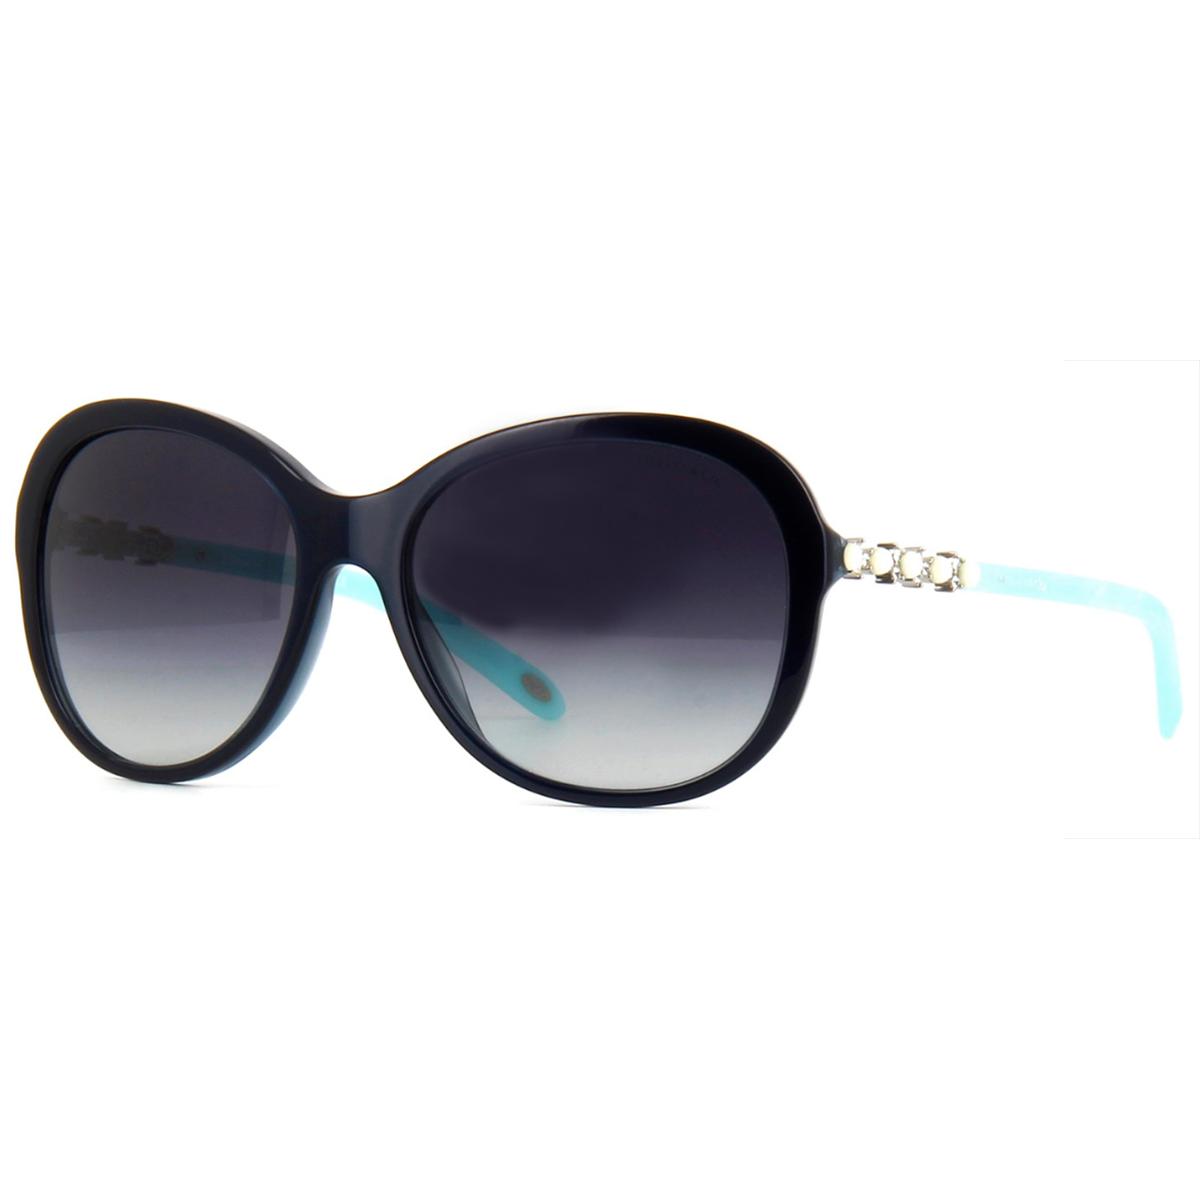 56e8eca79b537 Óculos de Sol Tiffany   Co